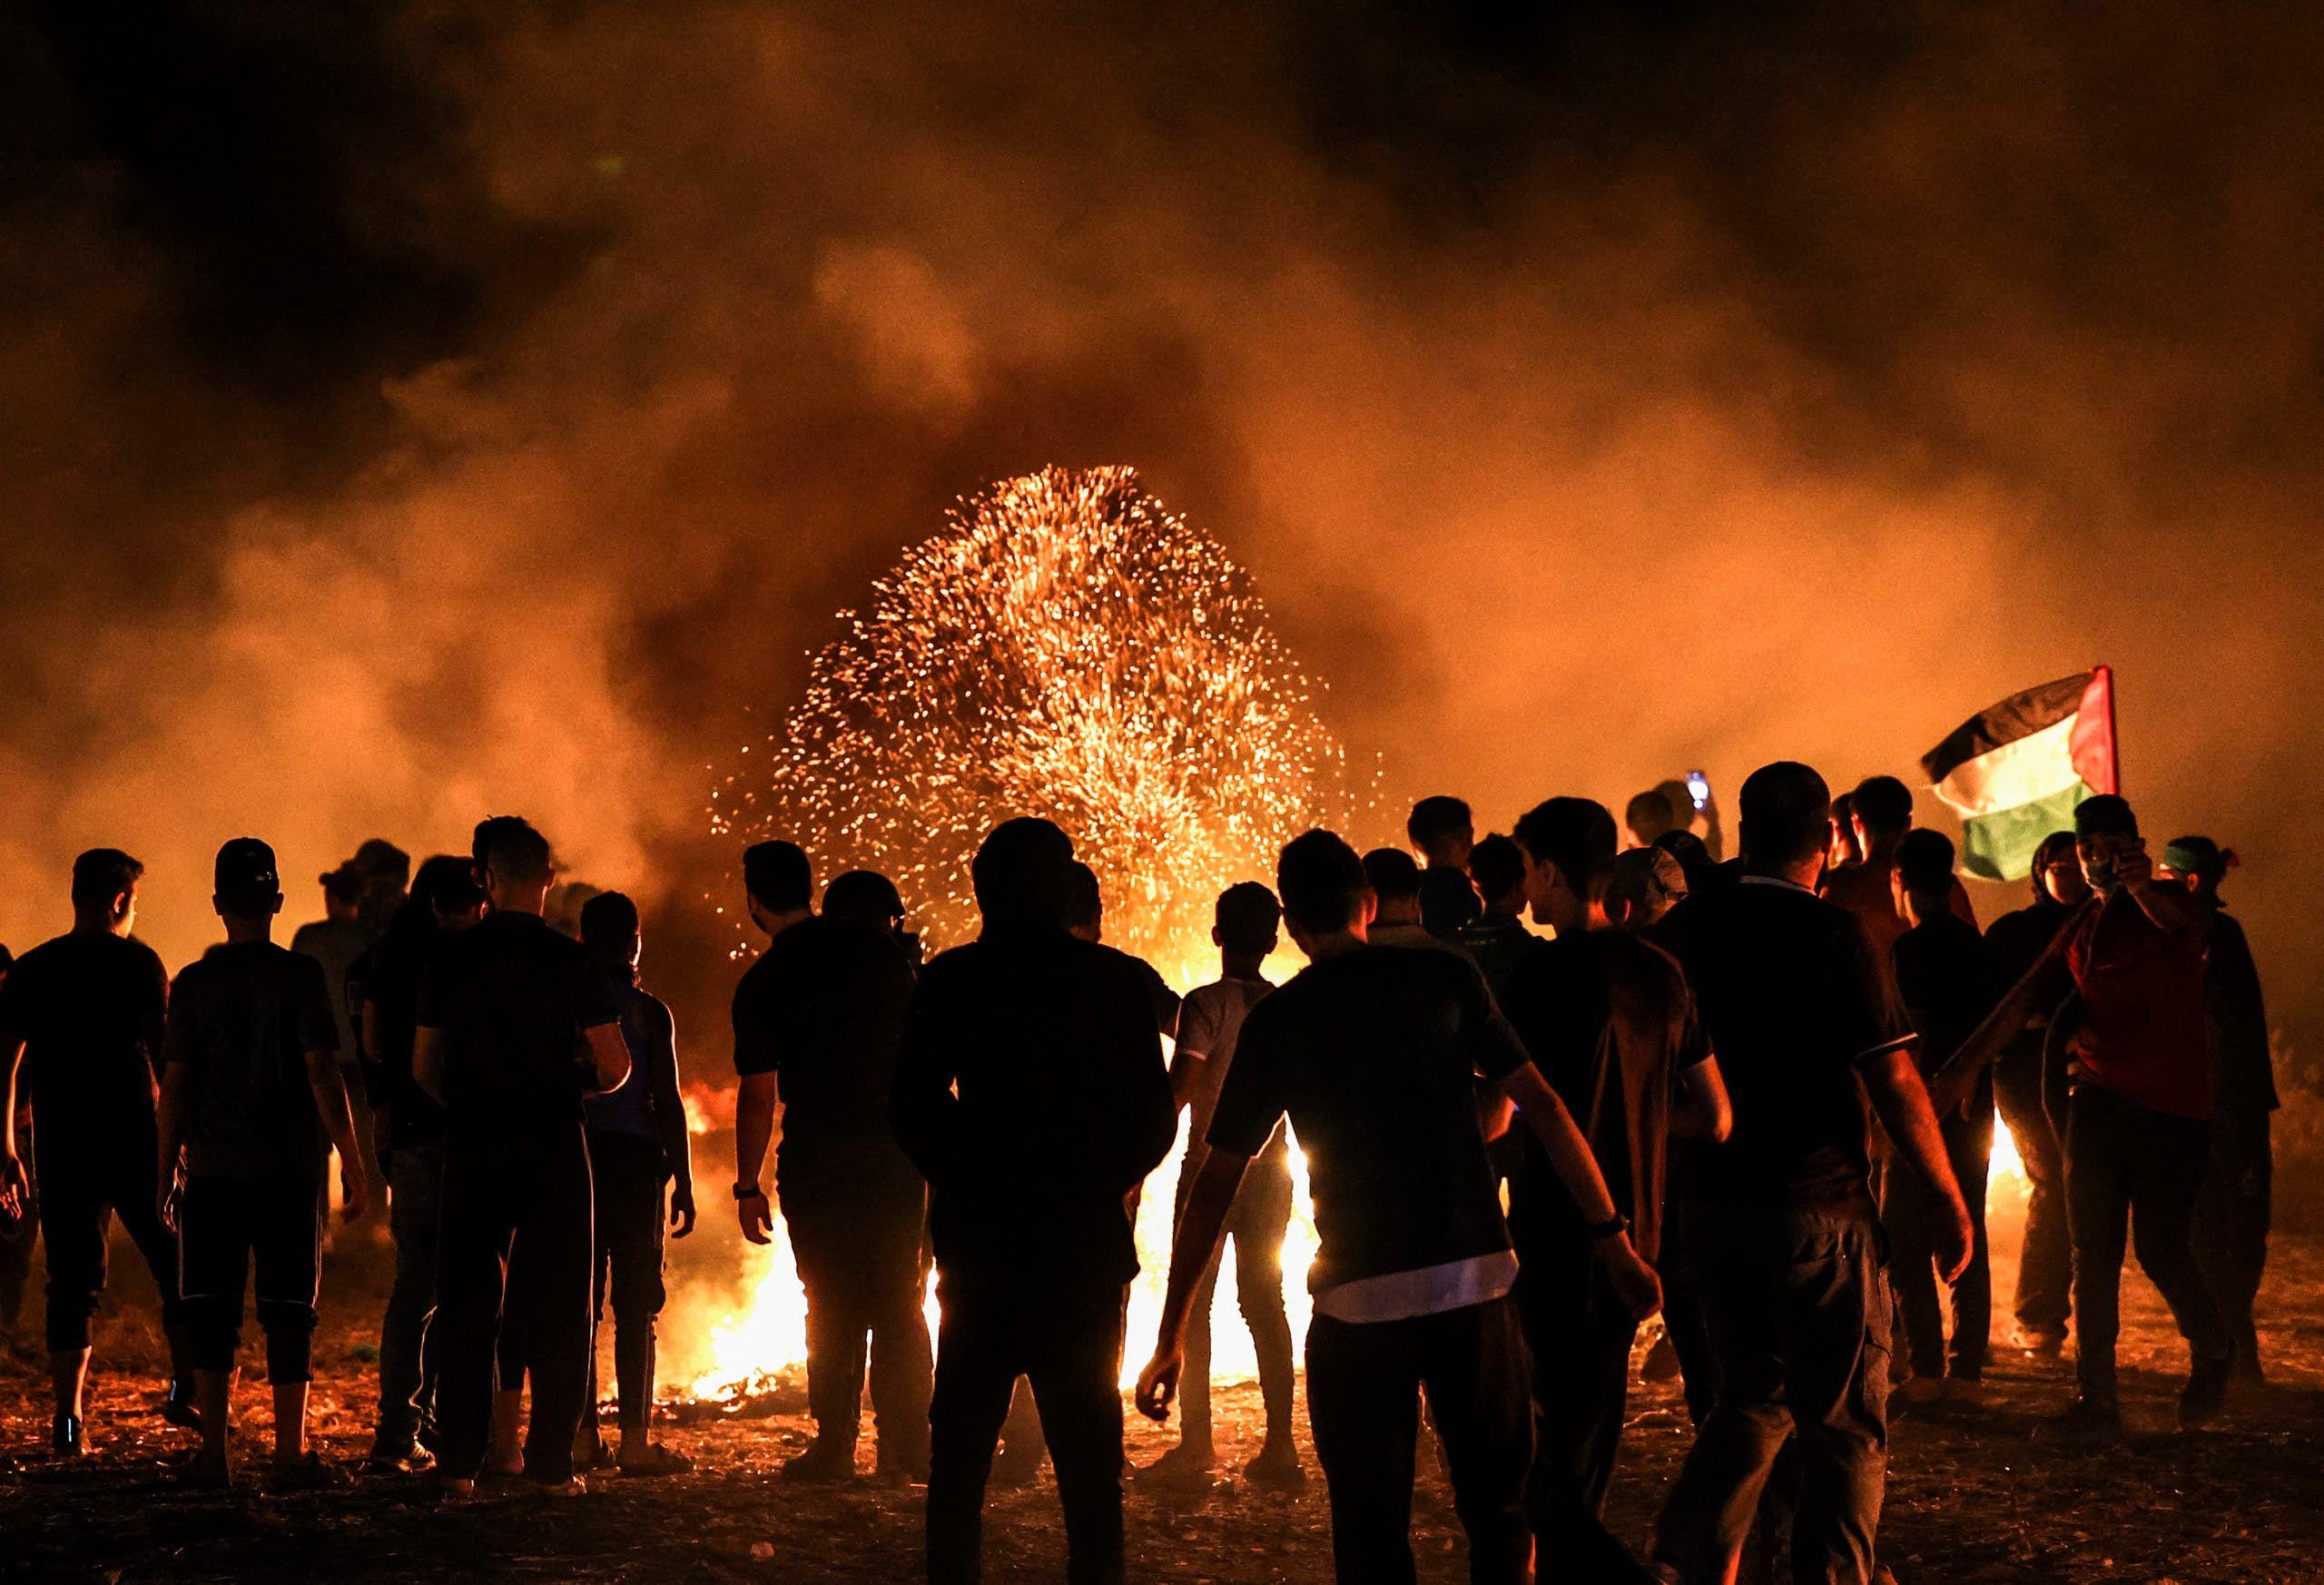 احتجاج فلسطيني في غزة قرب الحدود مع إسرائيل السبت